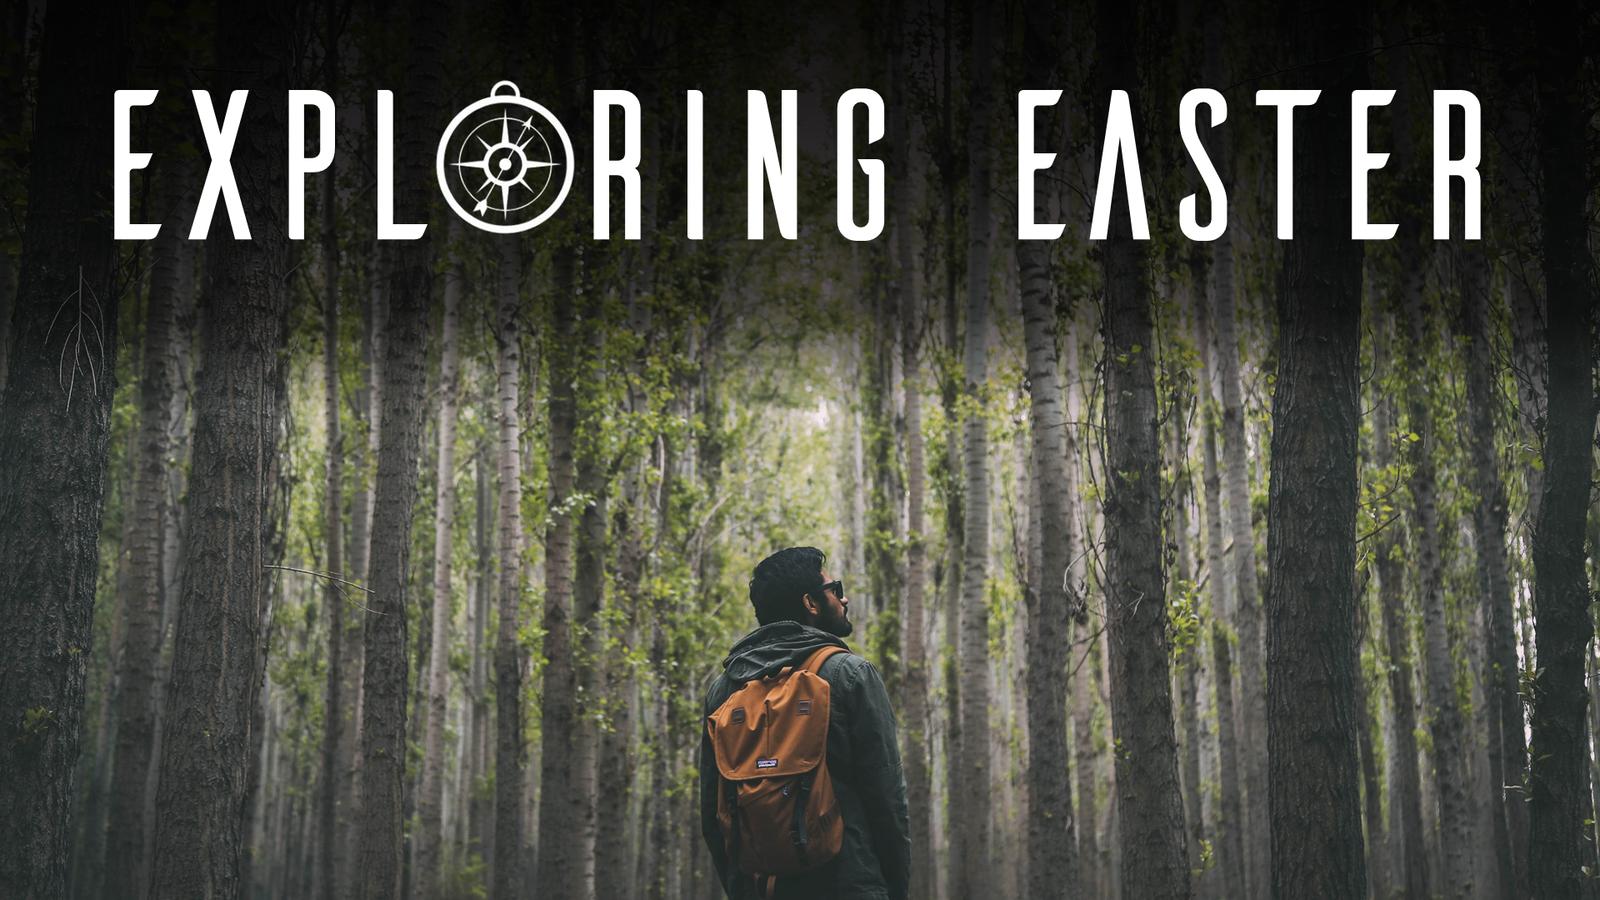 ExploringEaster_preview.png